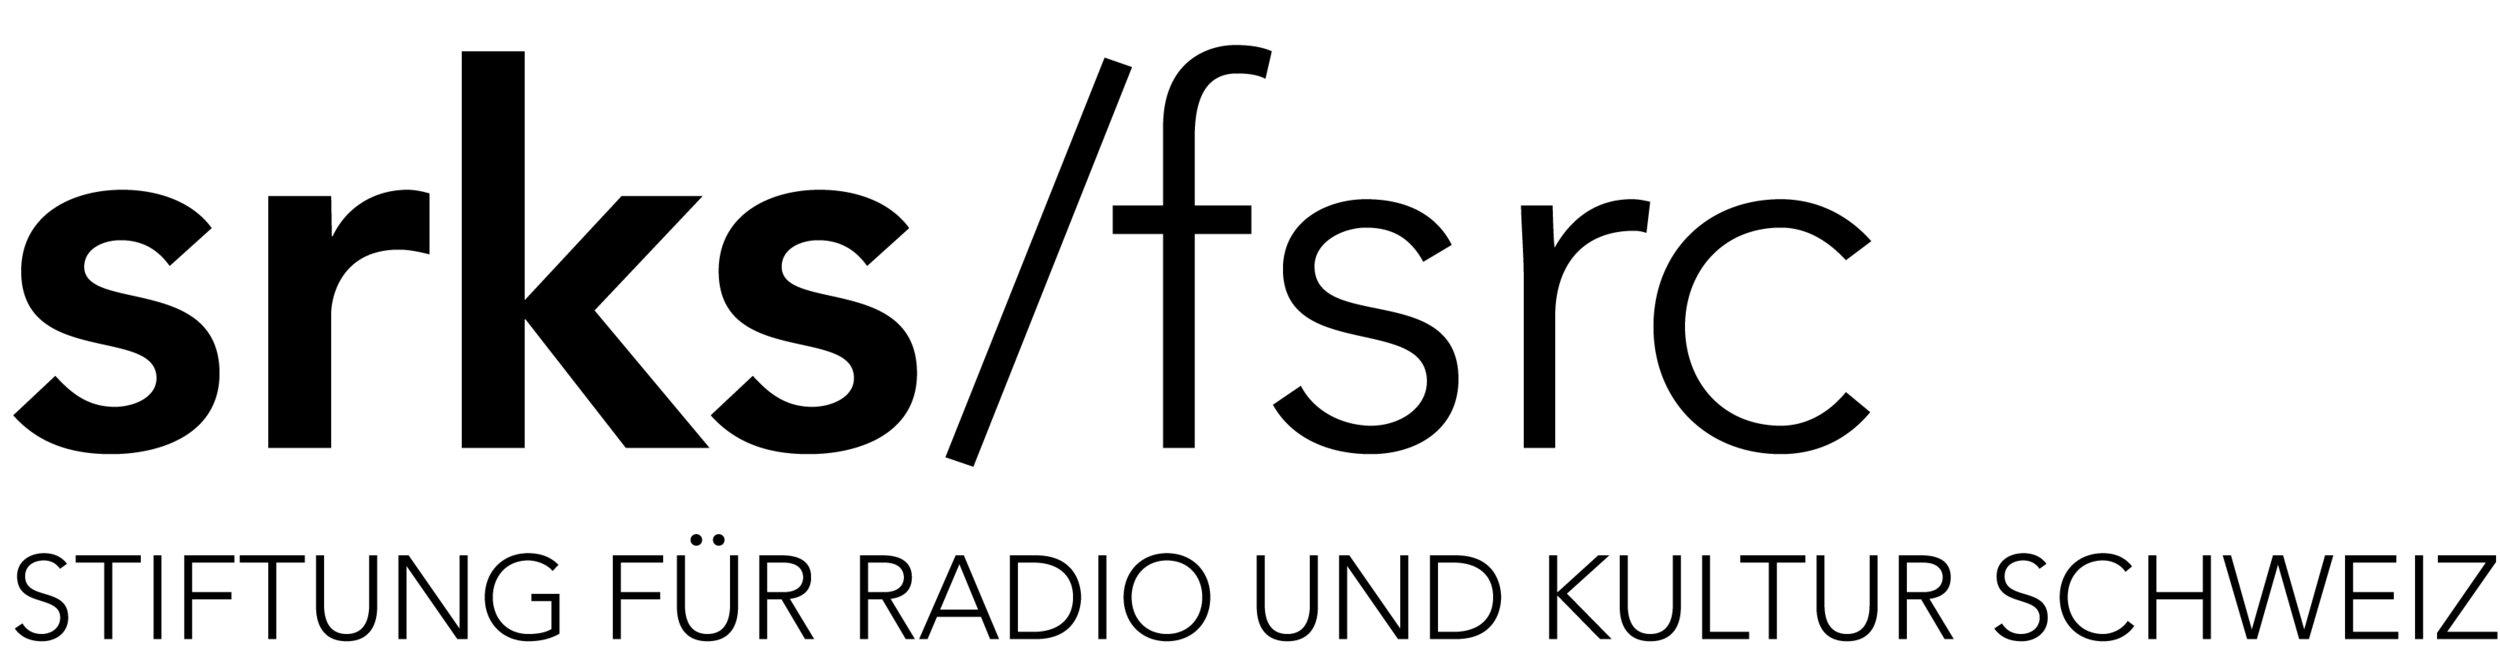 srks_logo_d.jpg